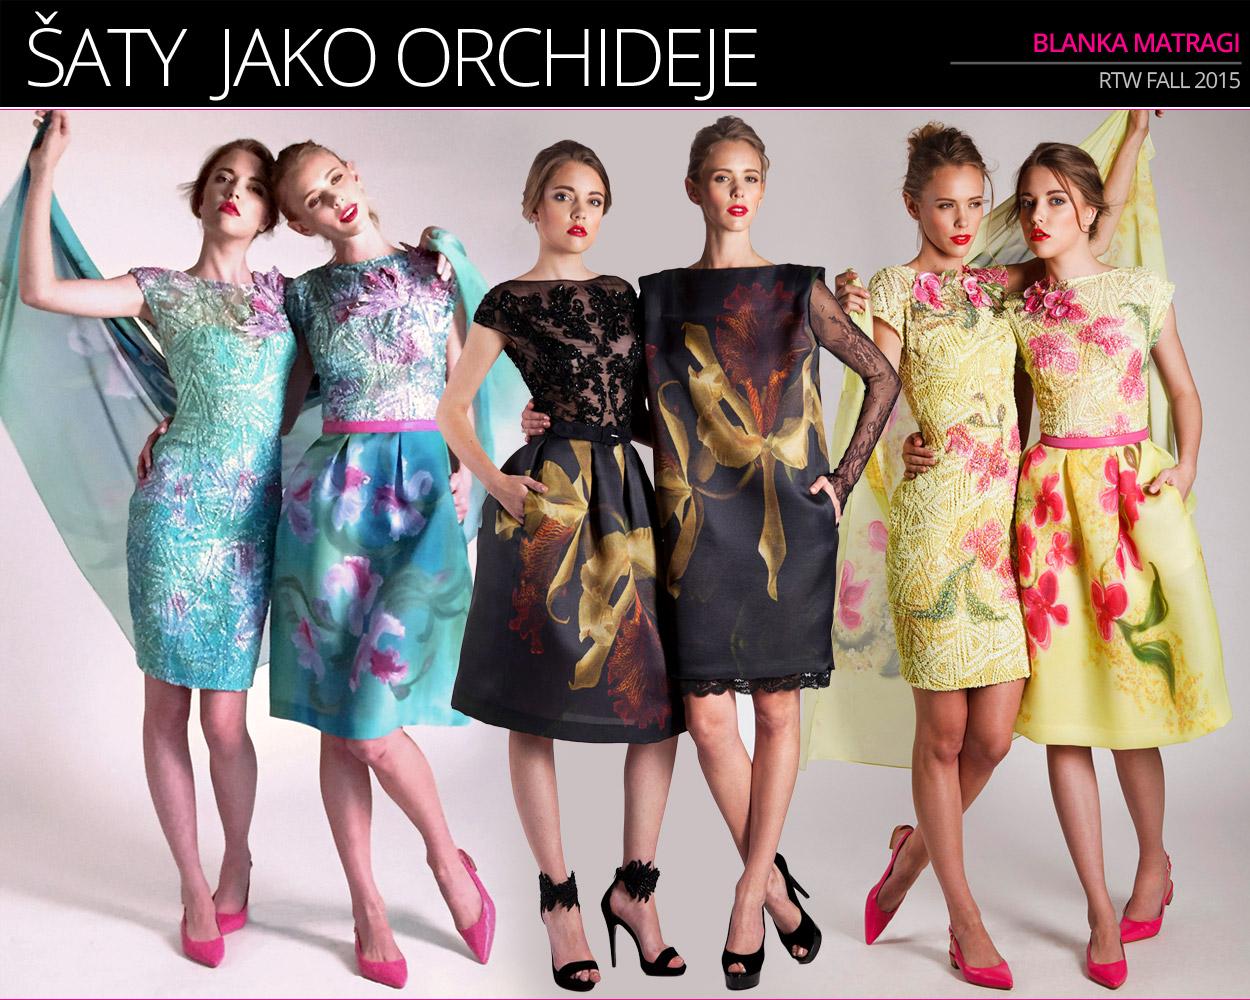 V lookbooku kolekce Blanky Matragi (RTW S/S 2015 – kolekce Orchidej) se objevila vítězka soutěže Czechoslovak TopModel 2013 Kateřina Kozlová. Druhou modelkou je Čechoameričanka Molly Kucera.